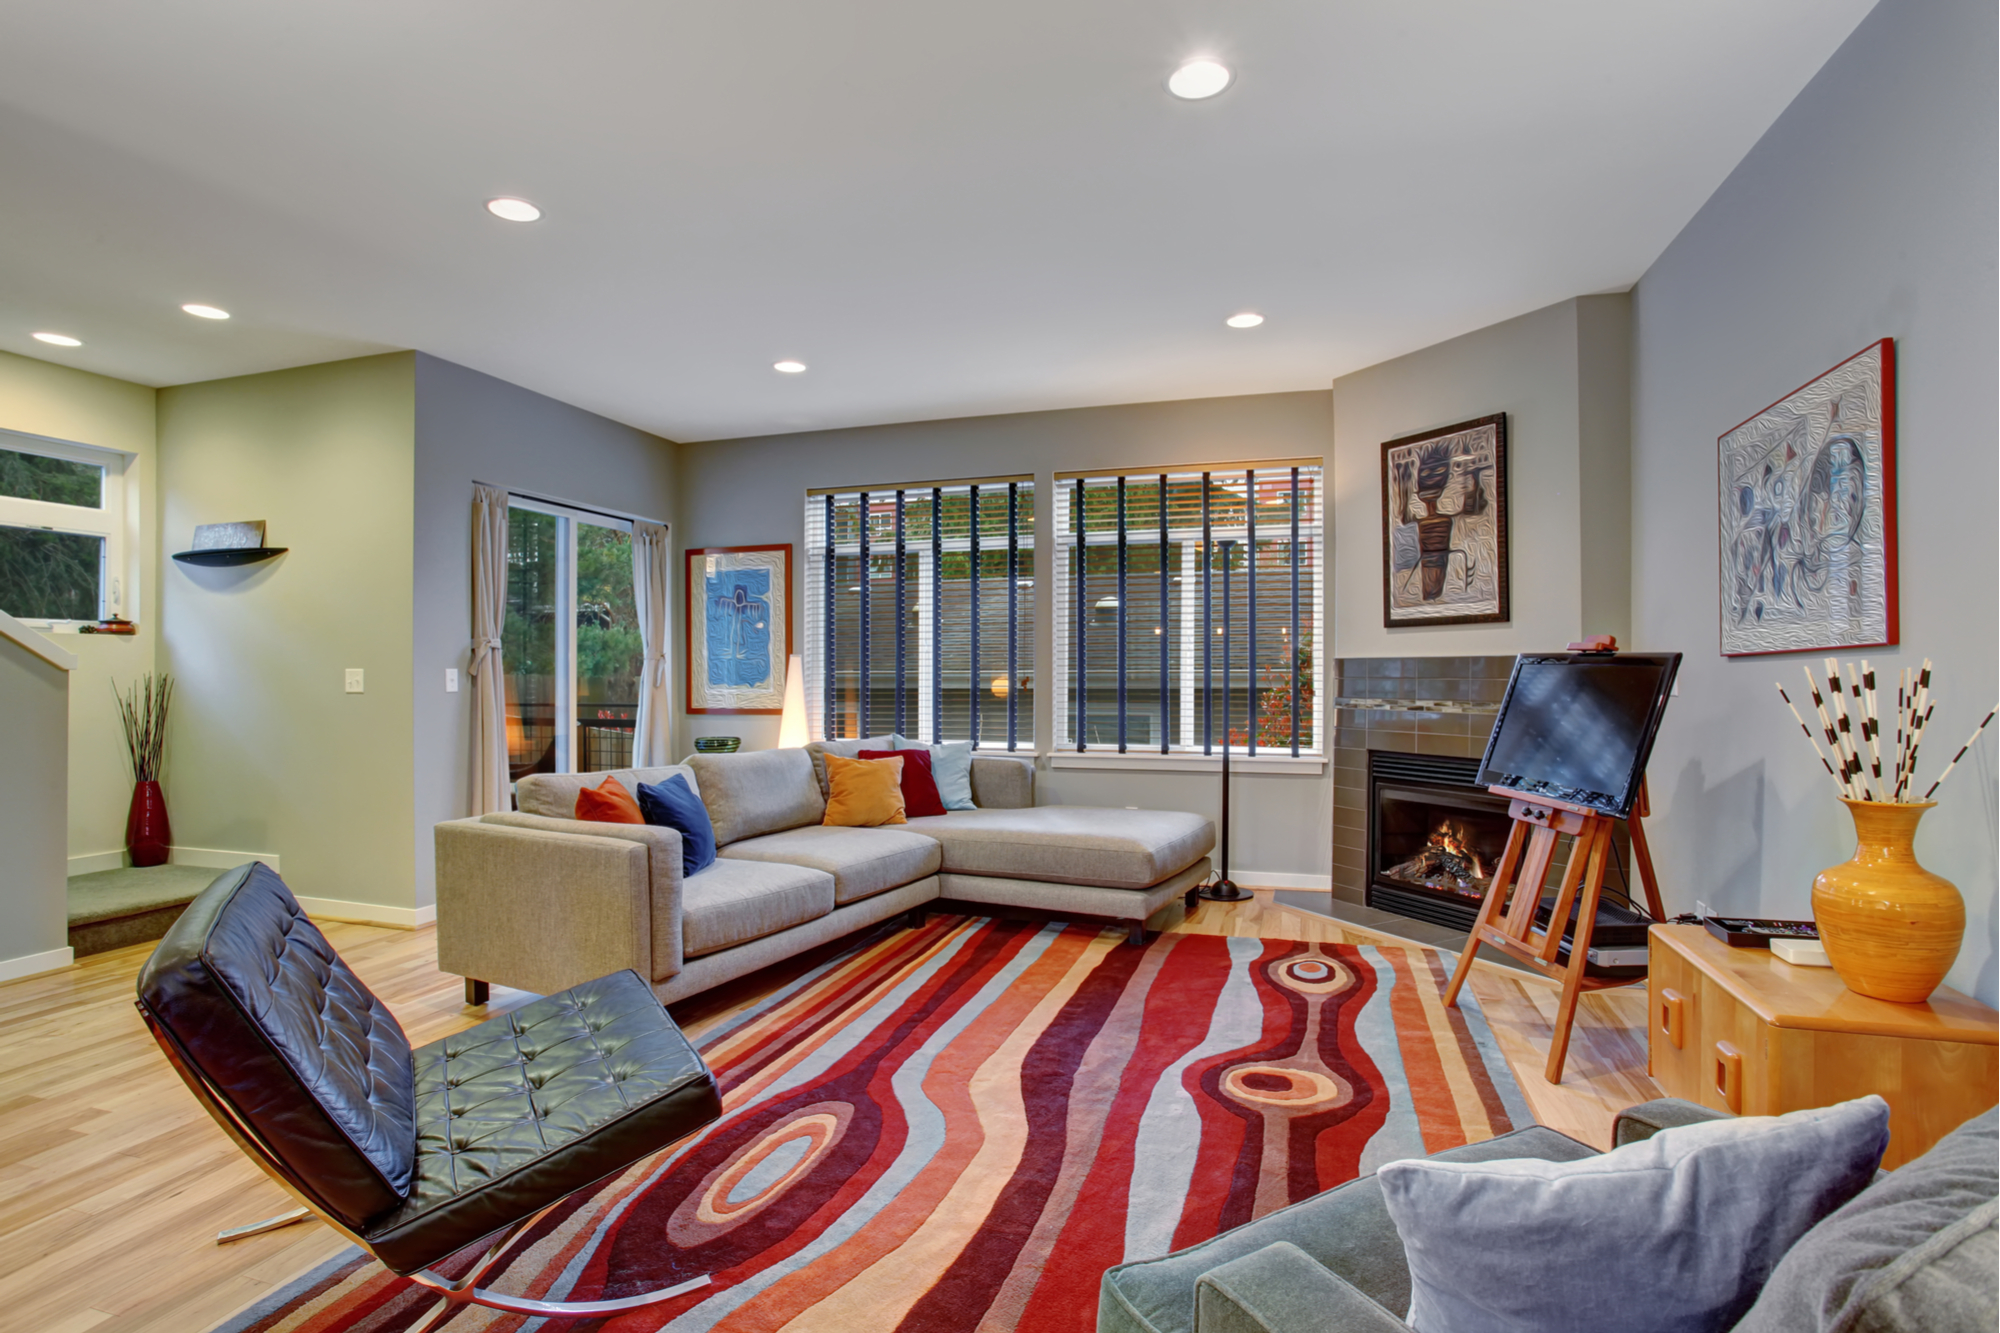 Barvy dovedou měnit náladu interiéru. Stačí jednoduché změny - Creative Commons (shutterstock.com)